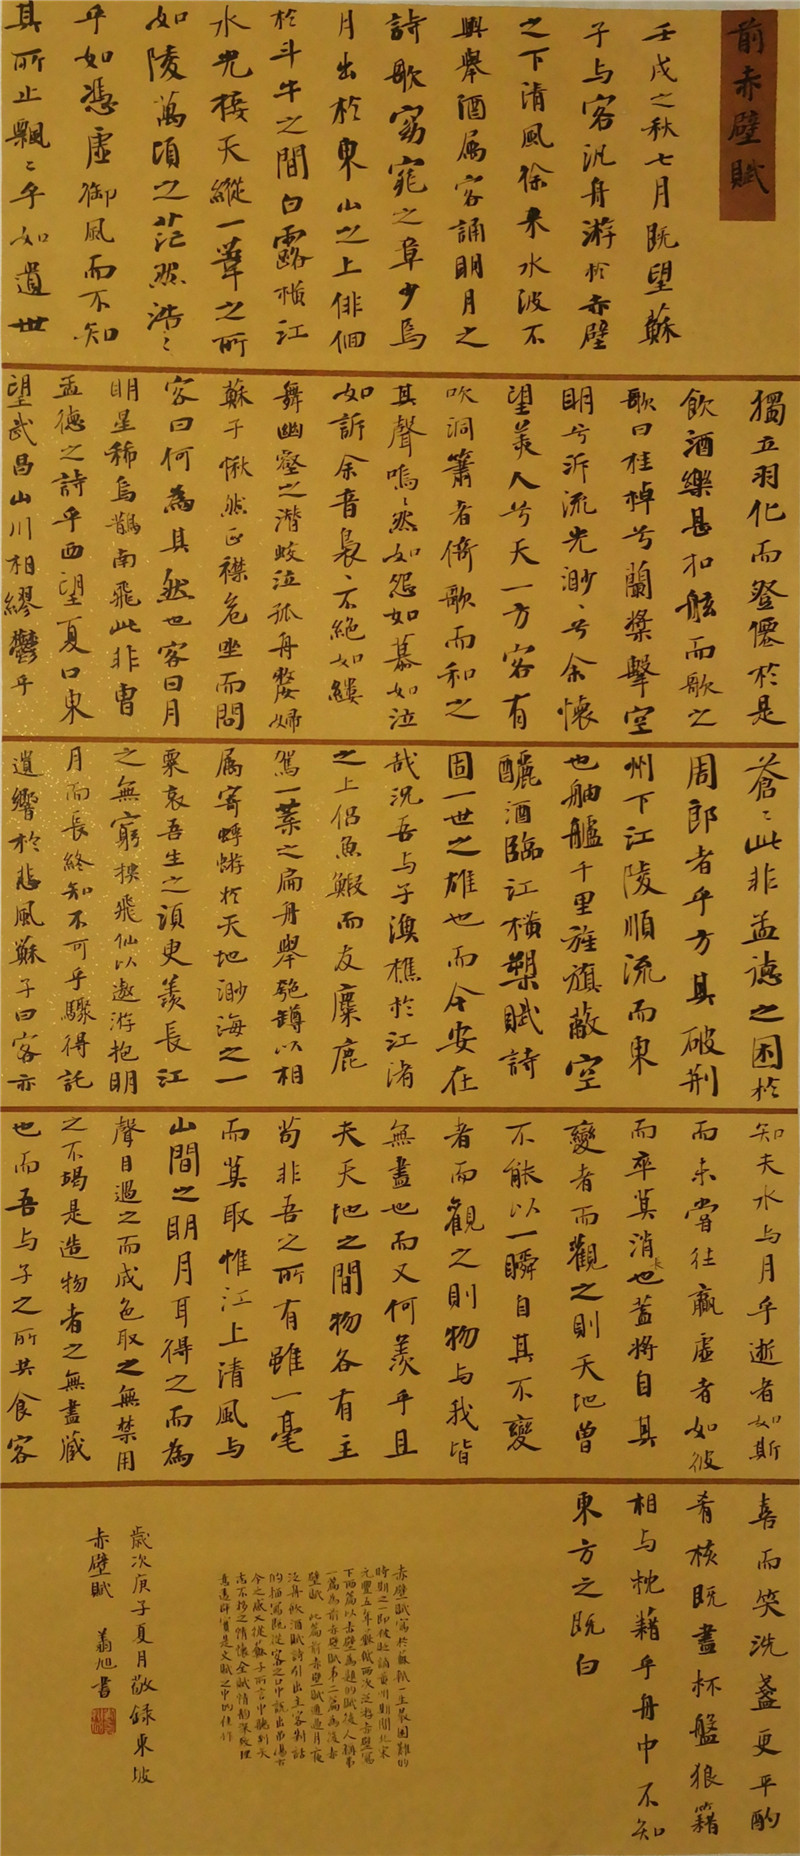 刘翔旭 教师组三等奖